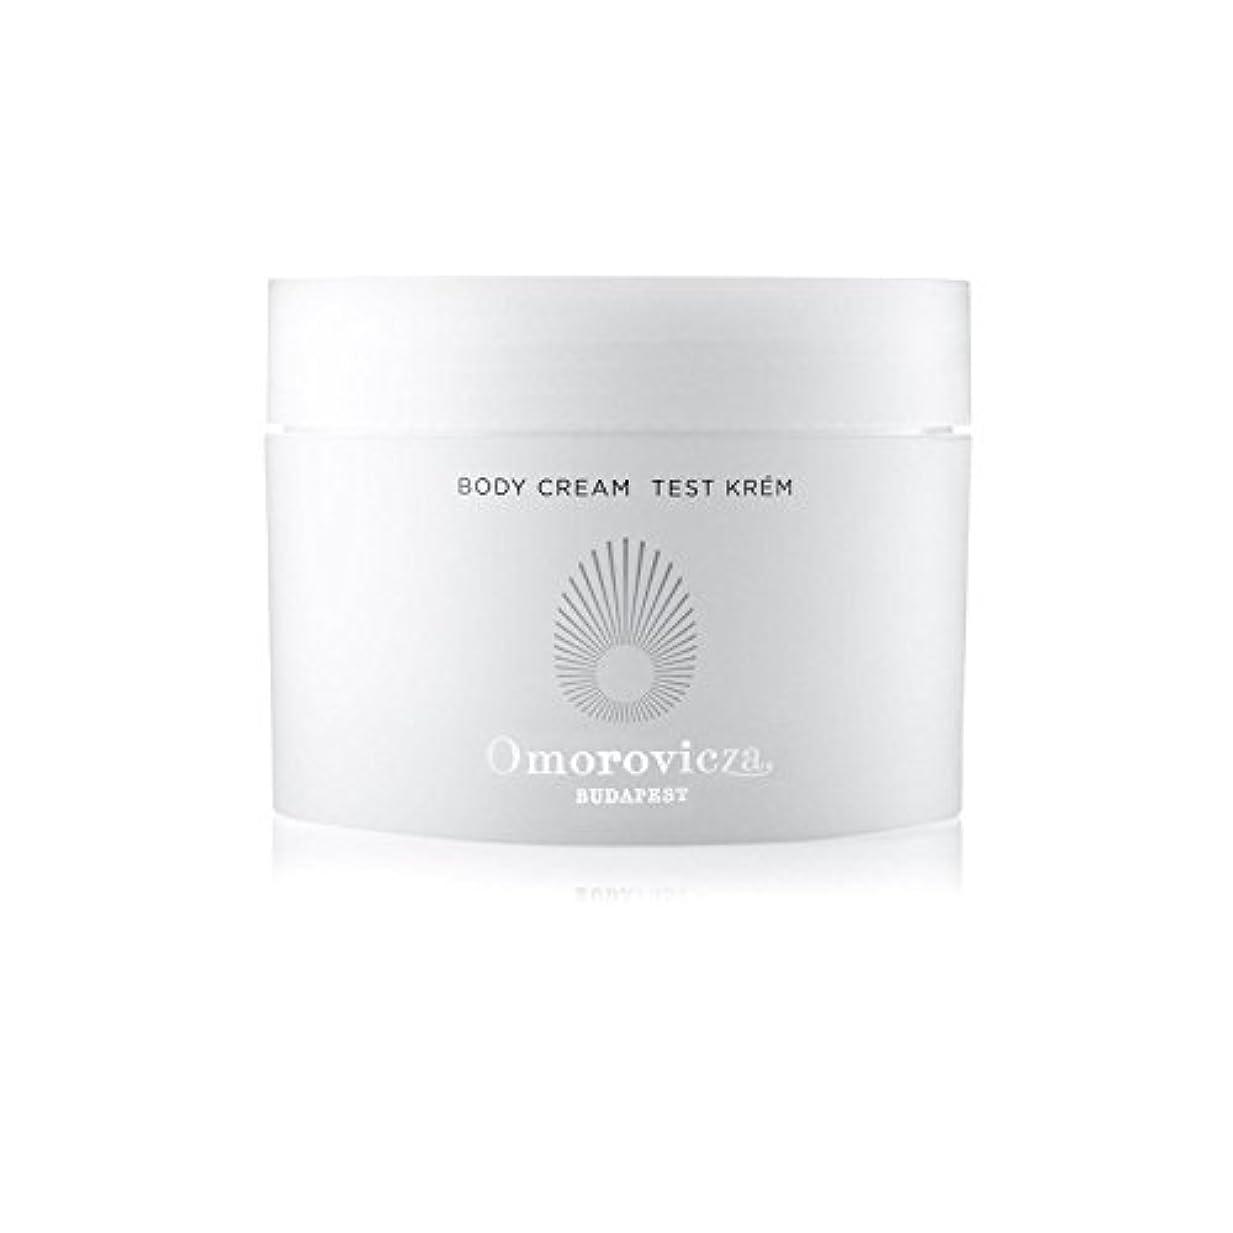 非効率的な驚くべき北方Omorovicza Body Cream (200ml) - ボディクリーム(200ミリリットル) [並行輸入品]